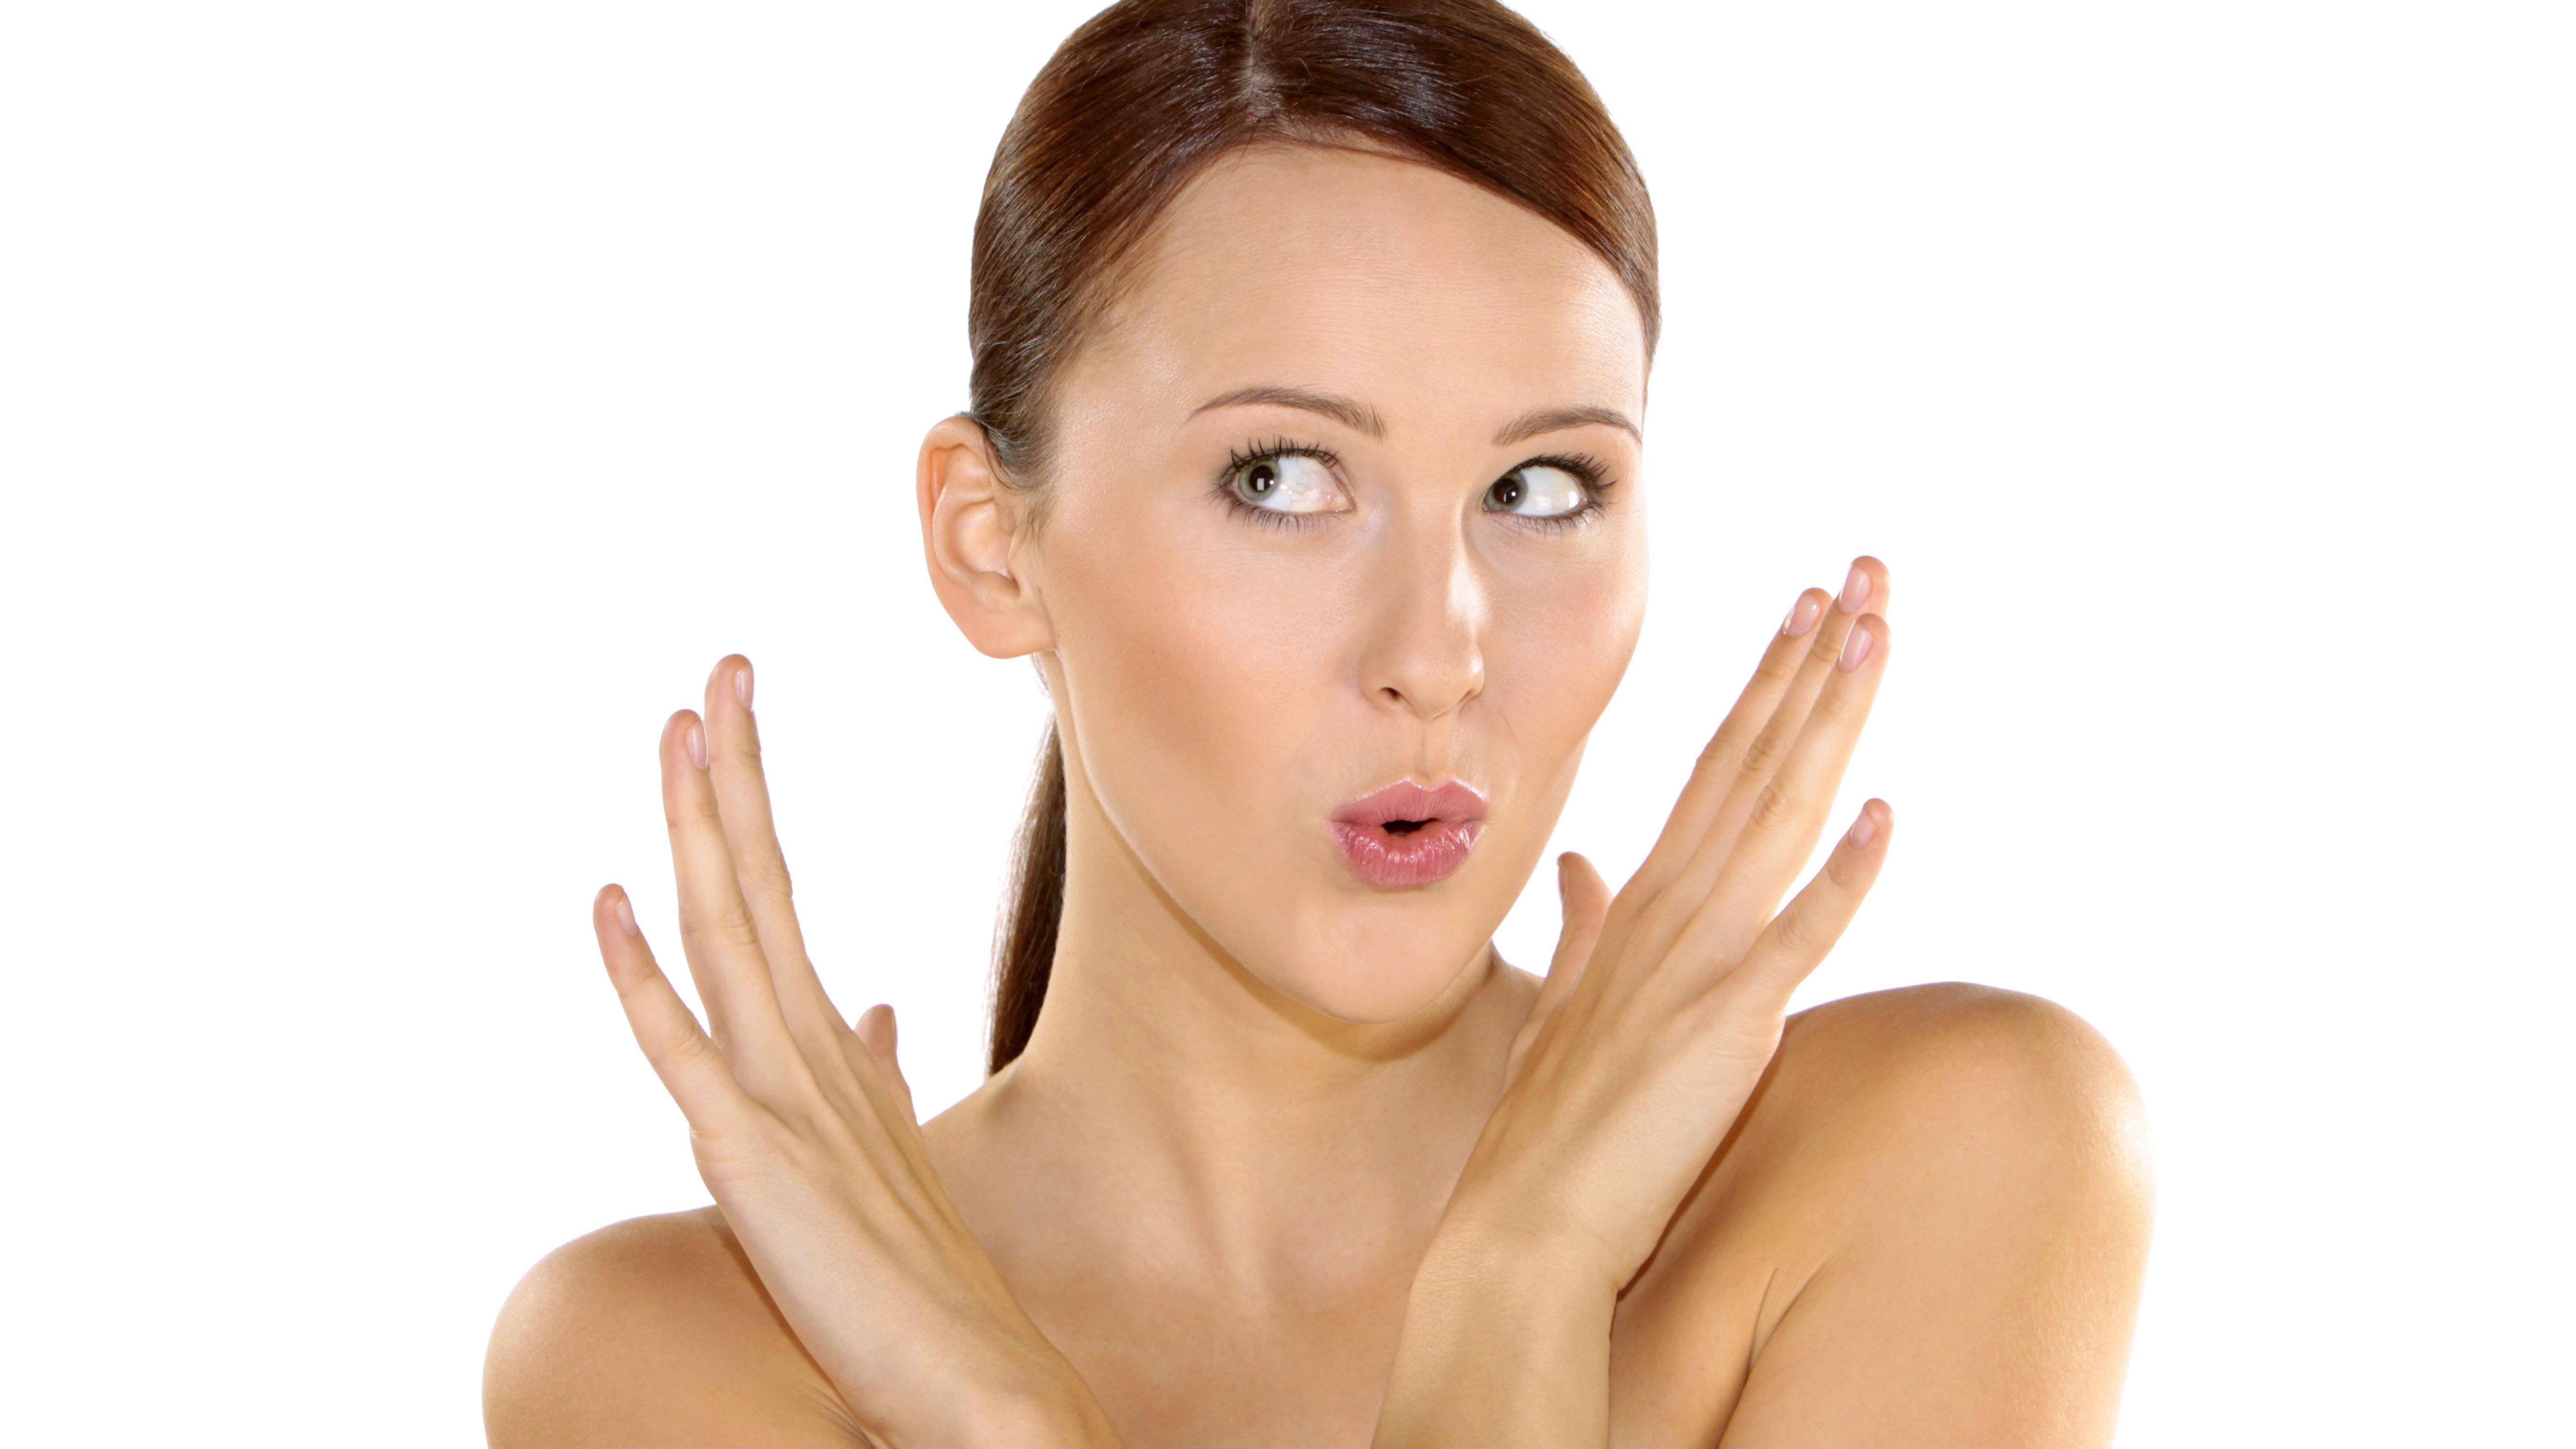 Schöne Nägel: Tipps für gesunde und gepflegte Nägel